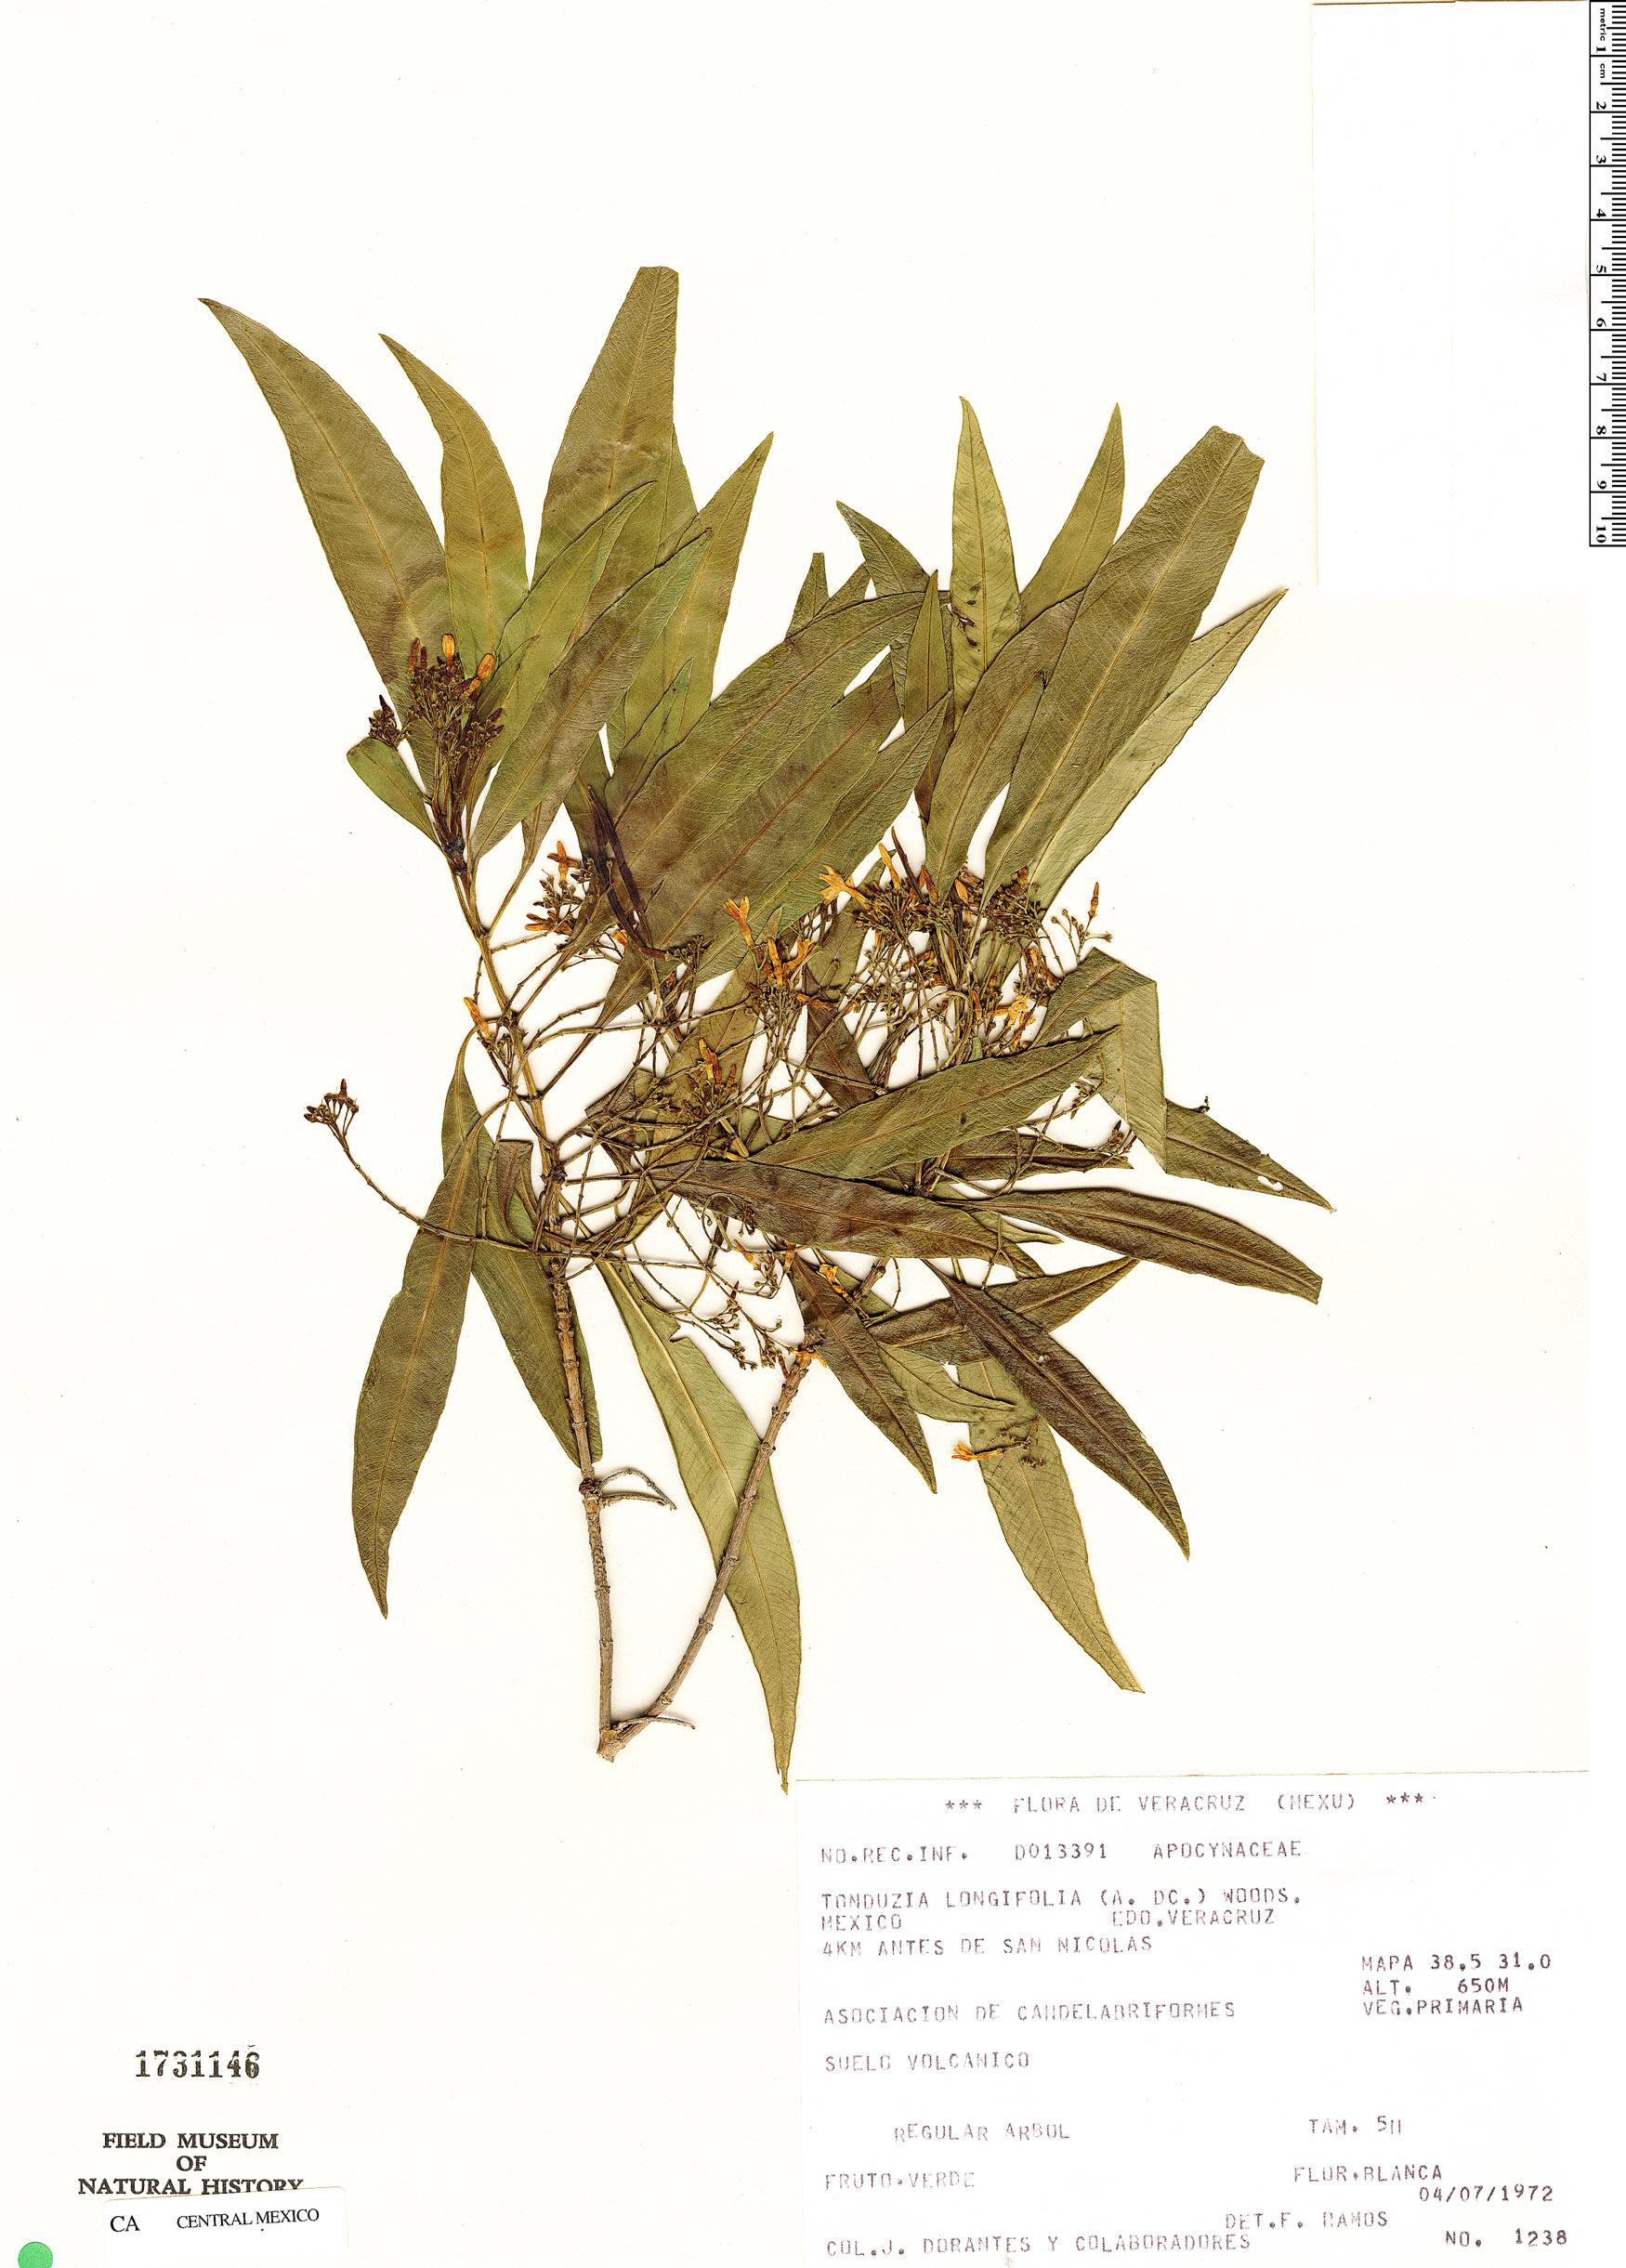 Specimen: Tonduzia stenophylla